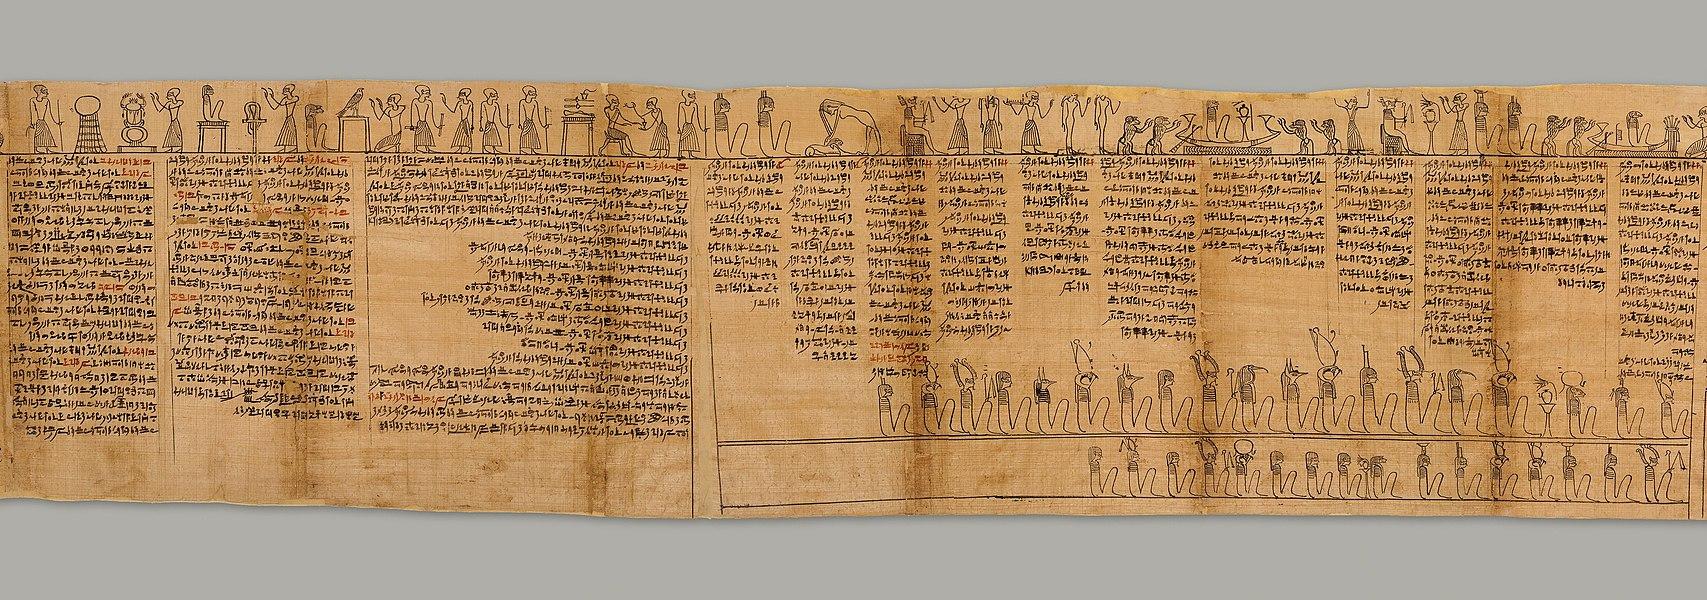 imhotep - image 7